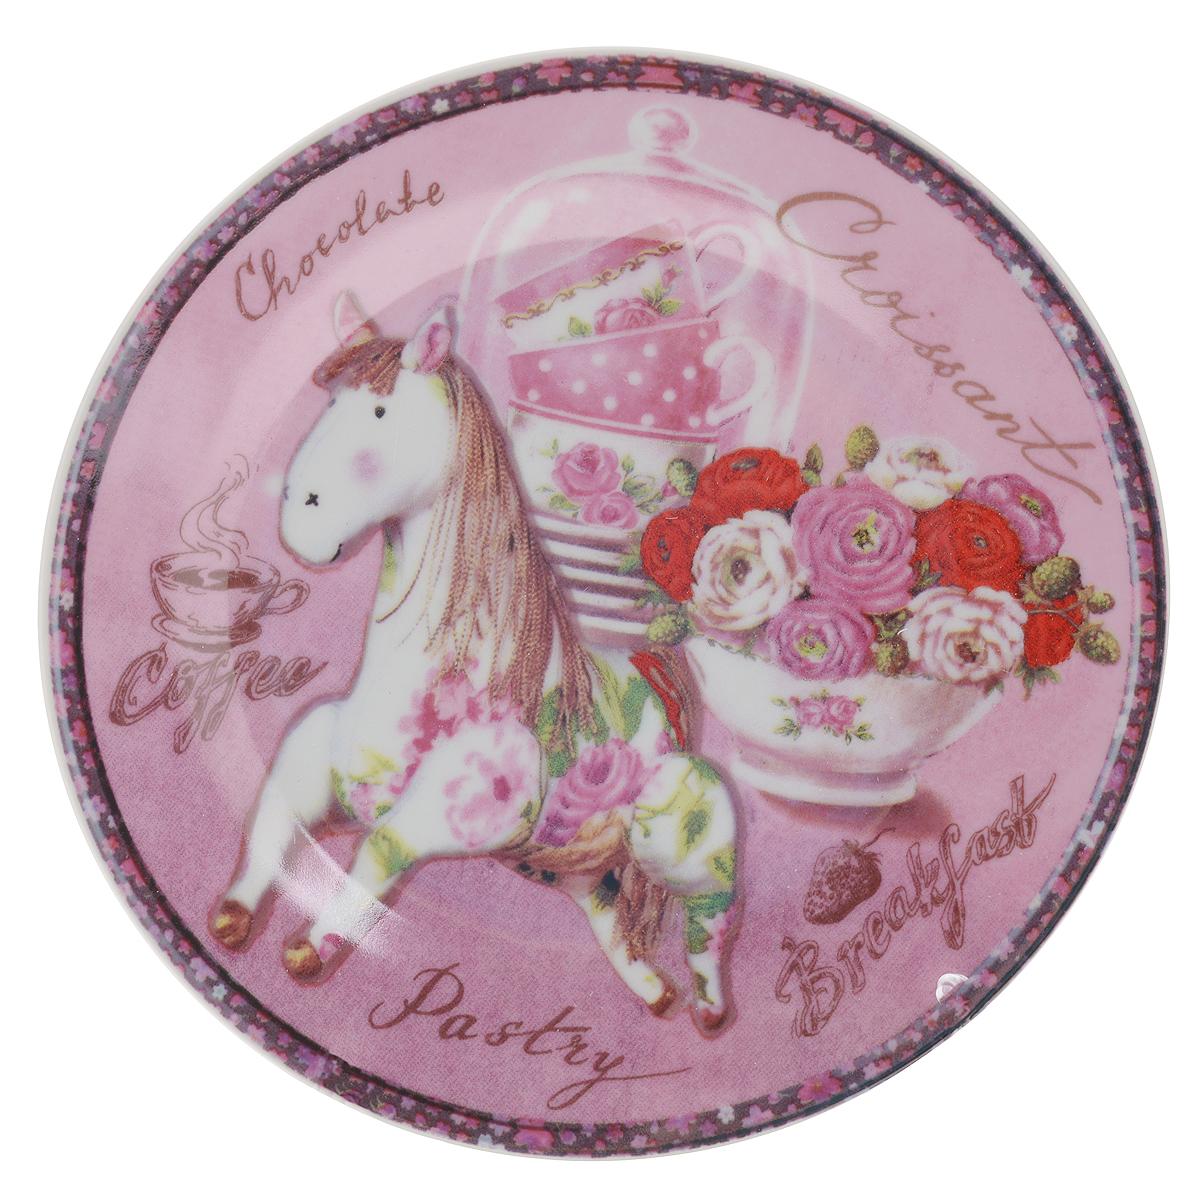 Тарелка декоративная Besko Винтажная лошадка, диаметр 18 смMO-01SДекоративная тарелка Besko Винтажная лошадка выполнена из высококачественной керамики, покрытой слоем сверкающей глазури. Изделие оформлено красочным изображением лошади и цветов. Такая тарелка украсит интерьер вашей кухни и подчеркнет прекрасный вкус хозяина, а также станет отличным подарком. Диаметр: 18 см. Высота: 2 см.